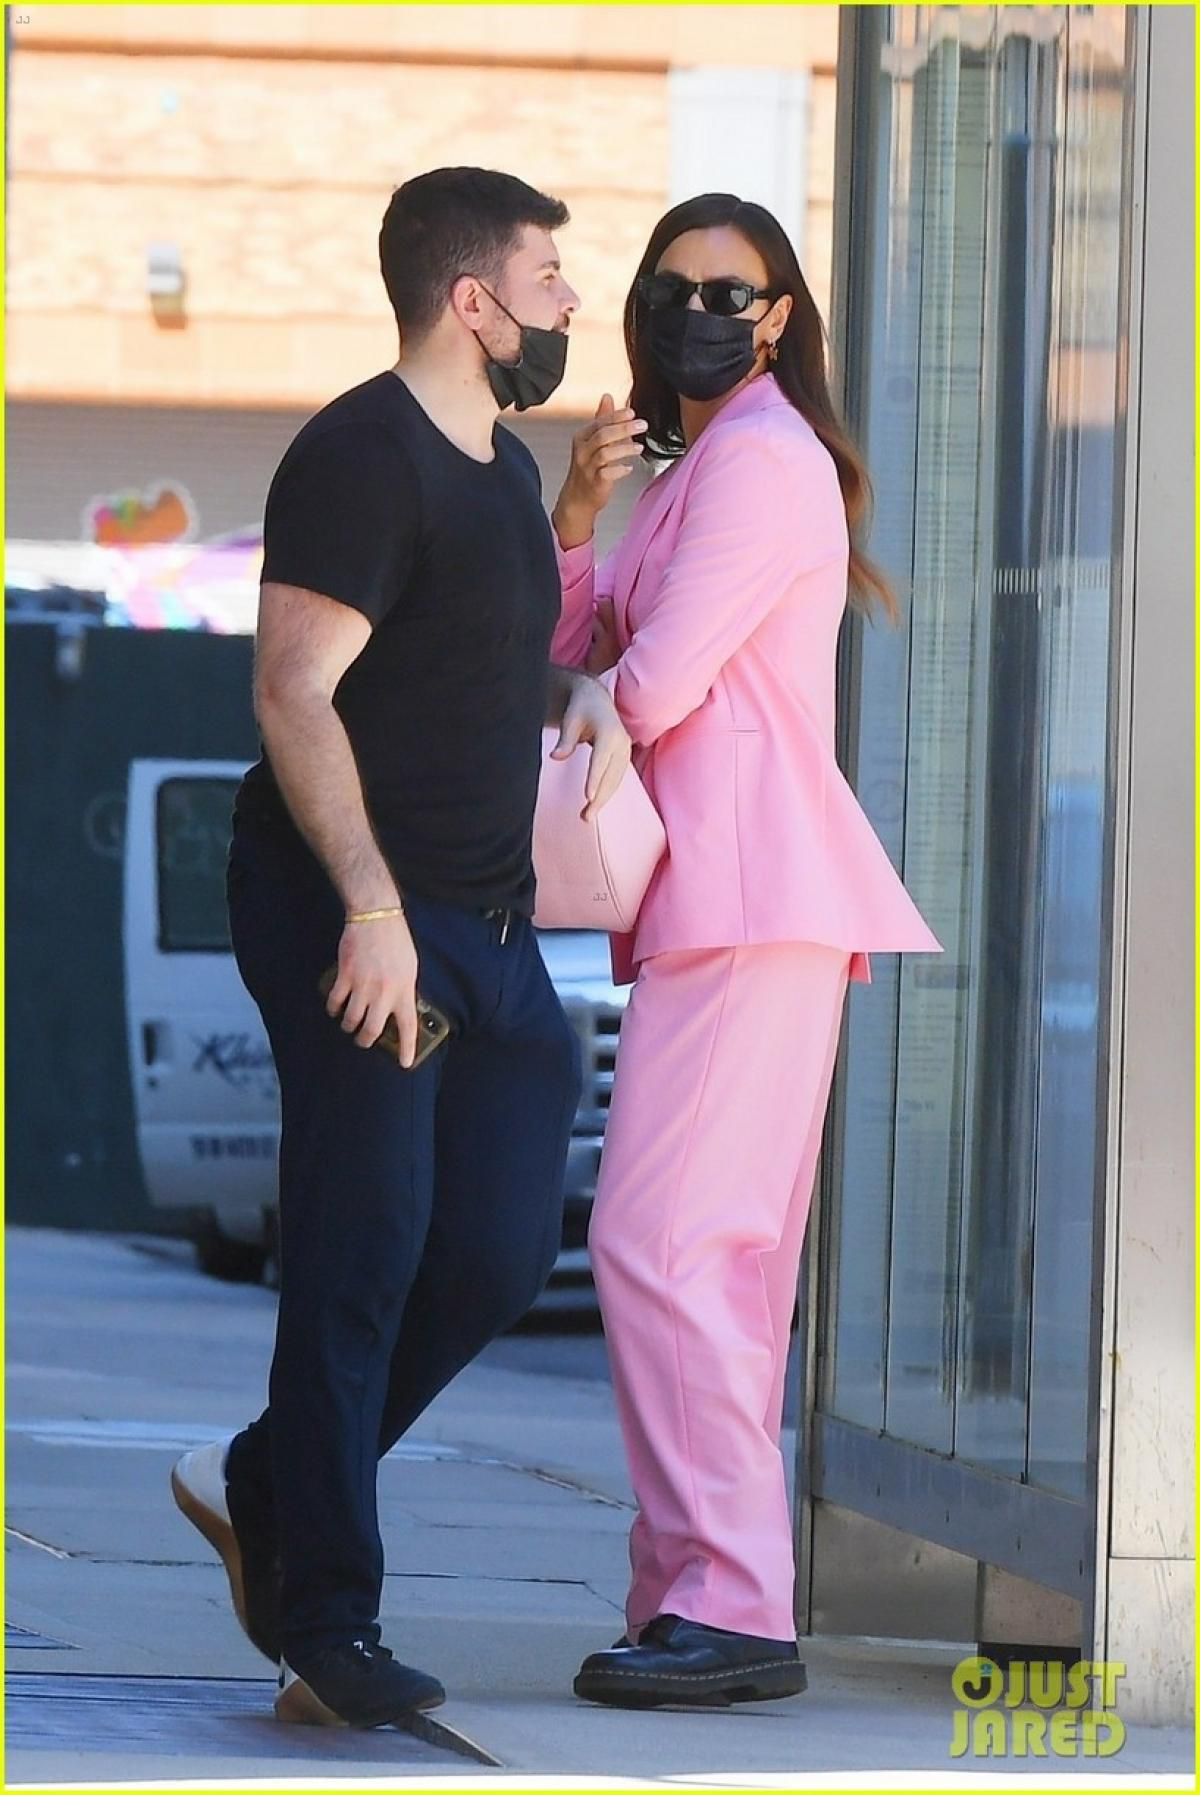 'Mẹ đơn thân' Irina Shayk diện suit hồng nổi bật đi chơi cùng bạn thân Ảnh 1